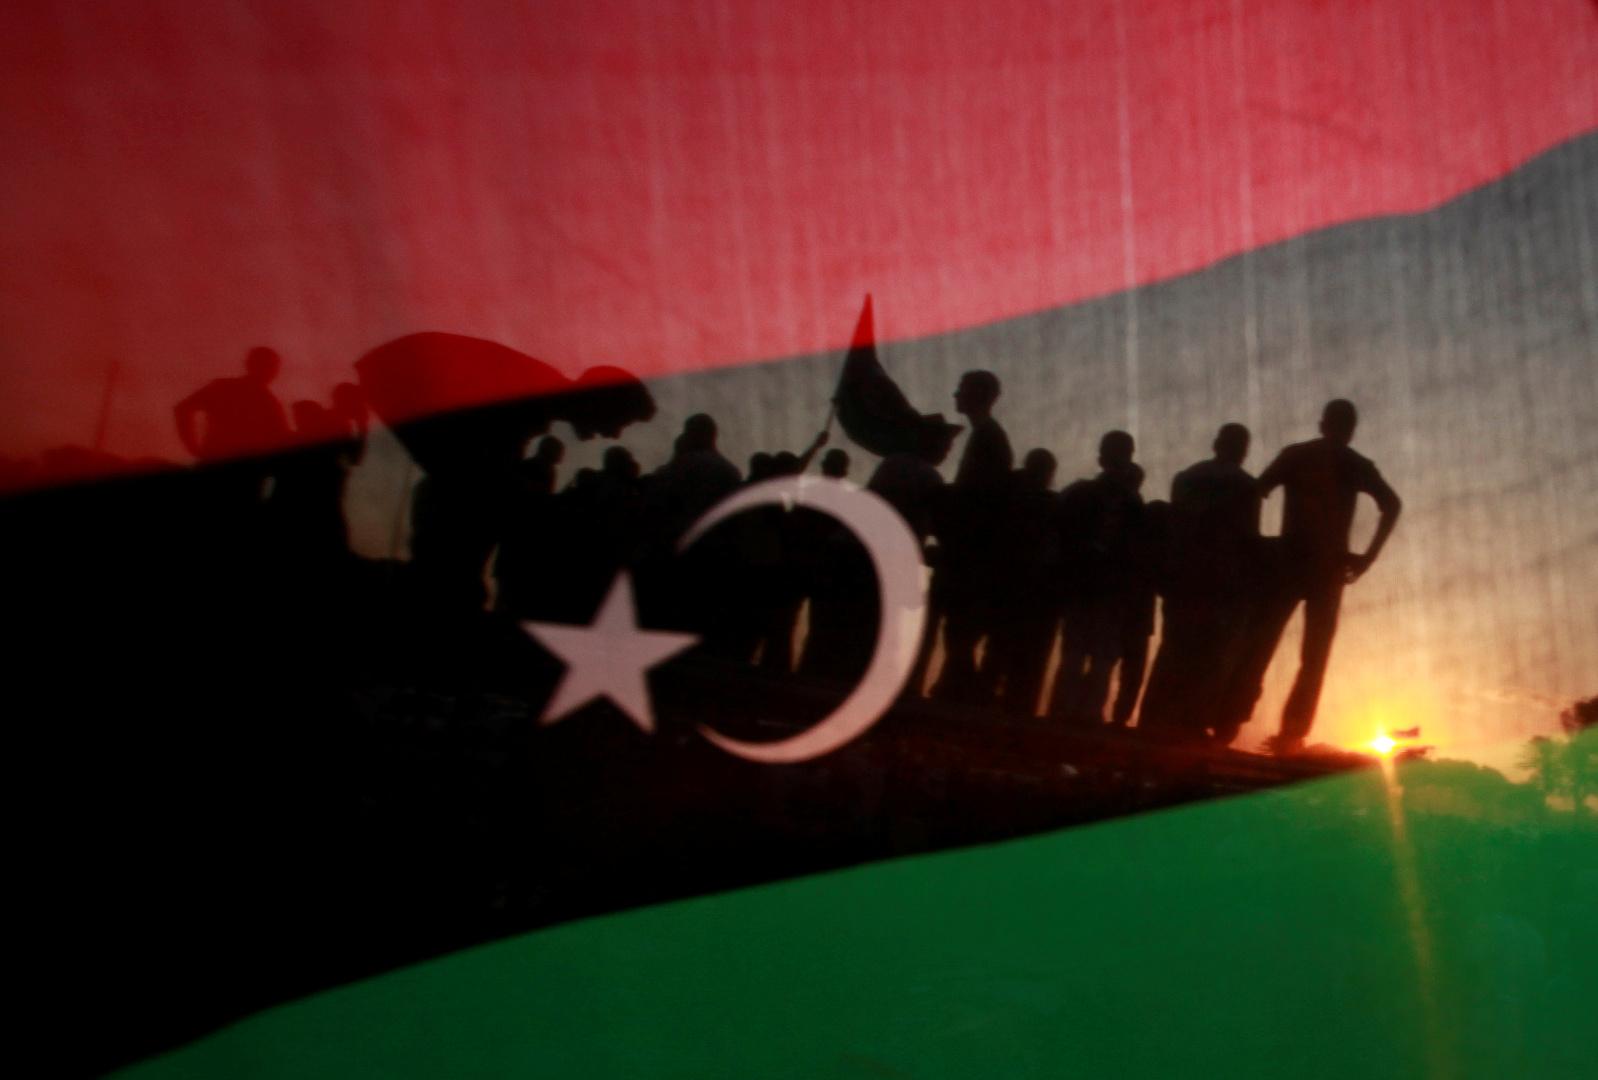 الأمم المتحدة: وجود عدد كبير من اللاعبين الخارجيين في ليبيا يهدد بحرب إقليمية